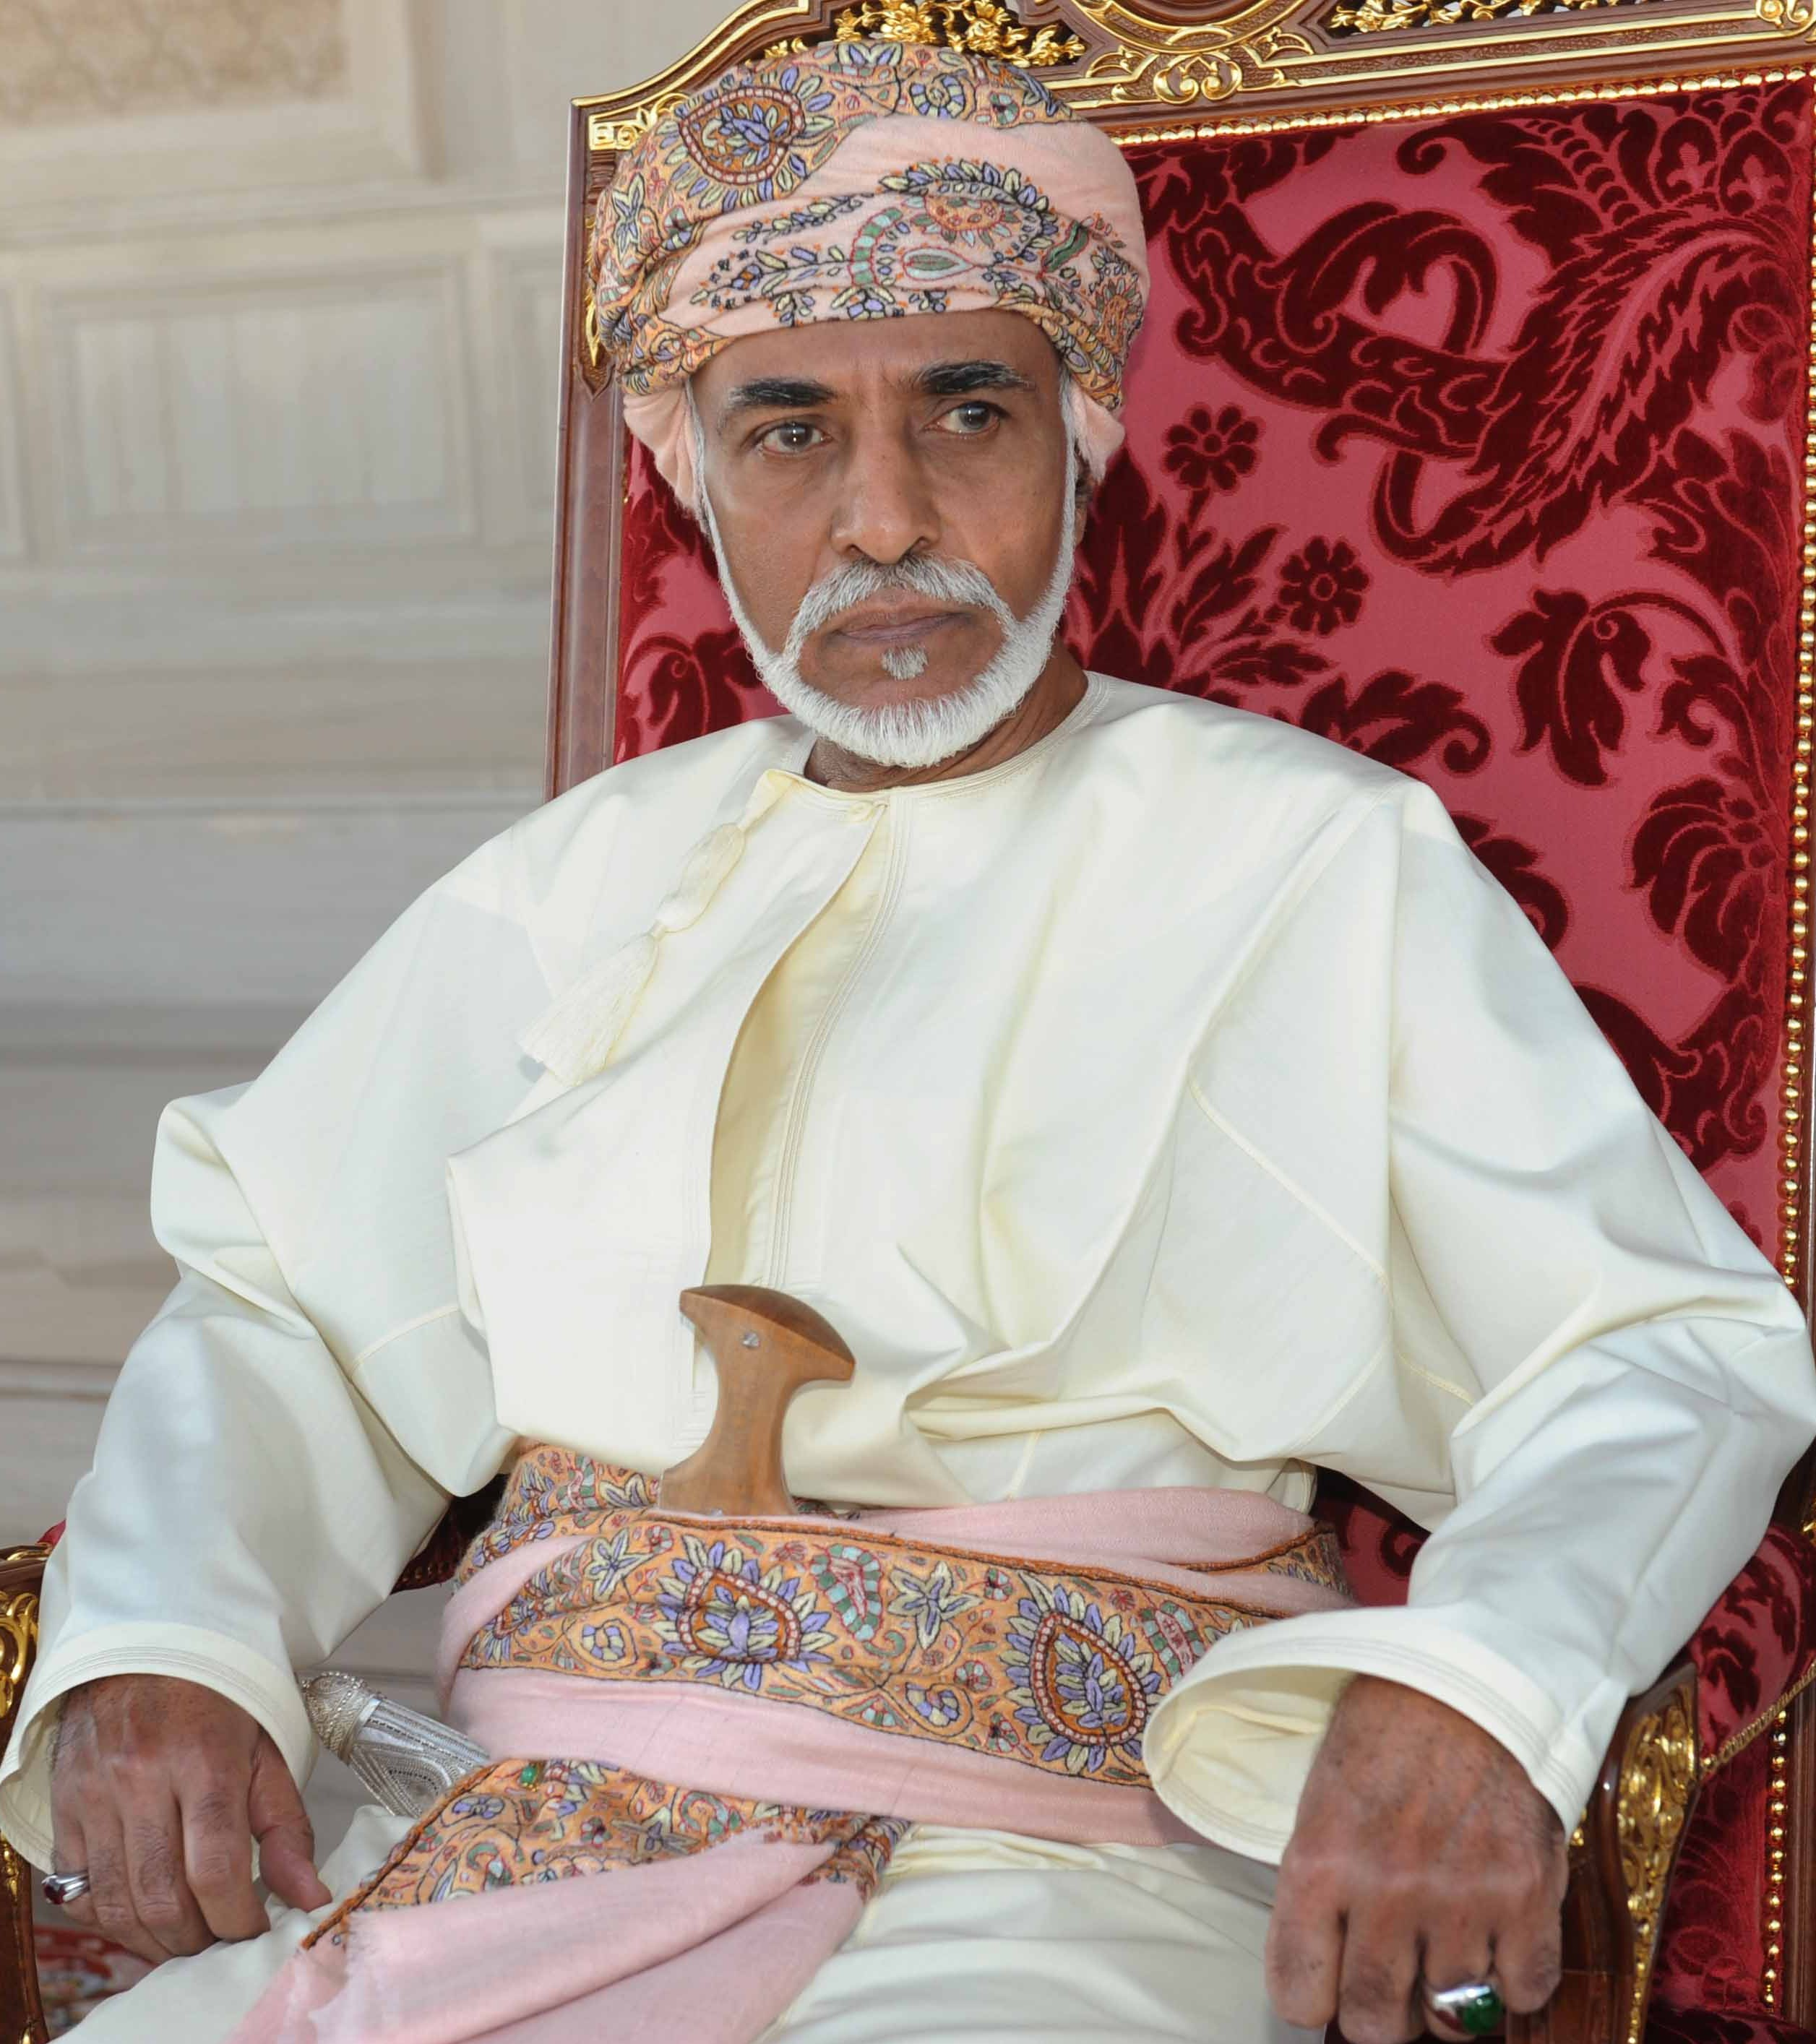 جلالة السلطان قابوس بن سعيد